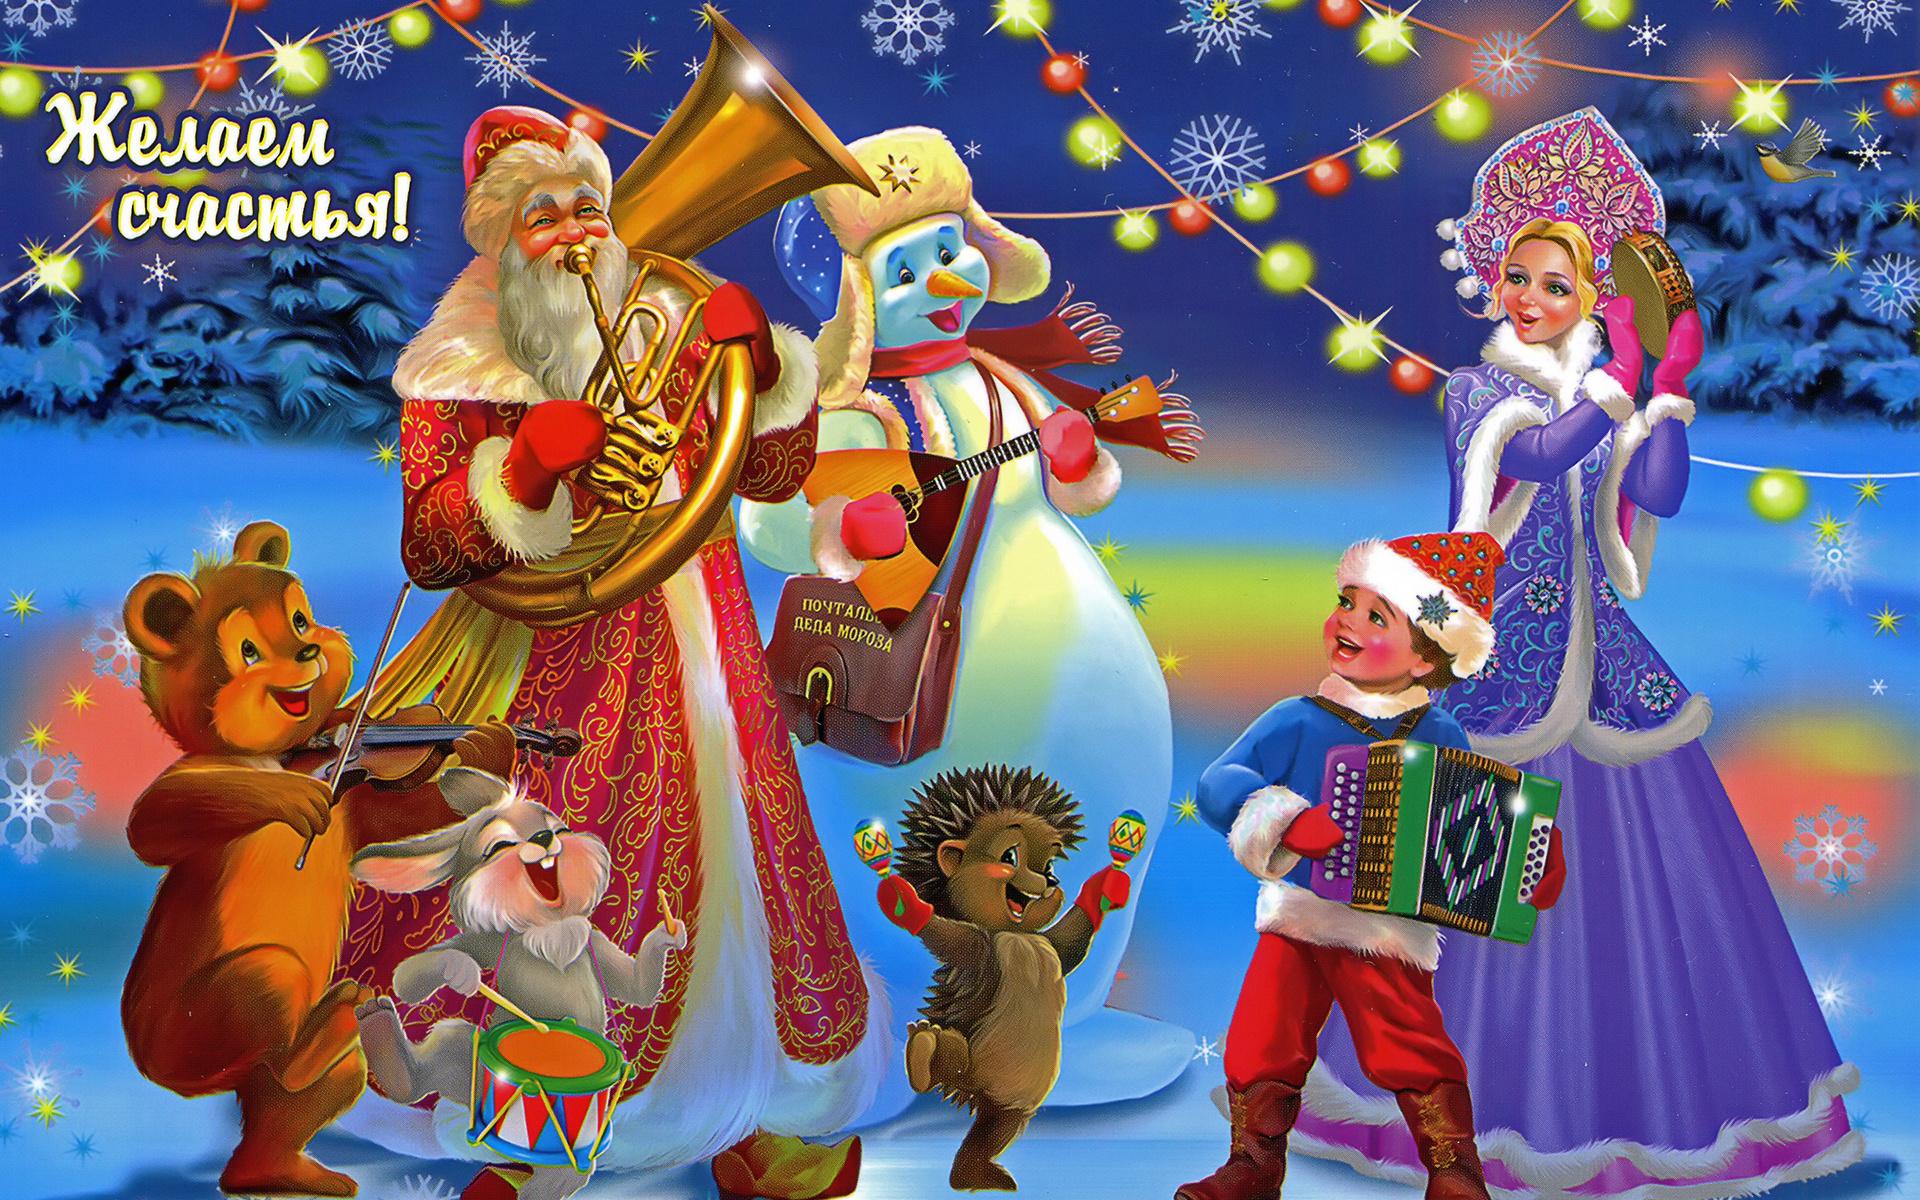 Анимационные картинки, картинки деда мороза со снегурочкой с новым годом